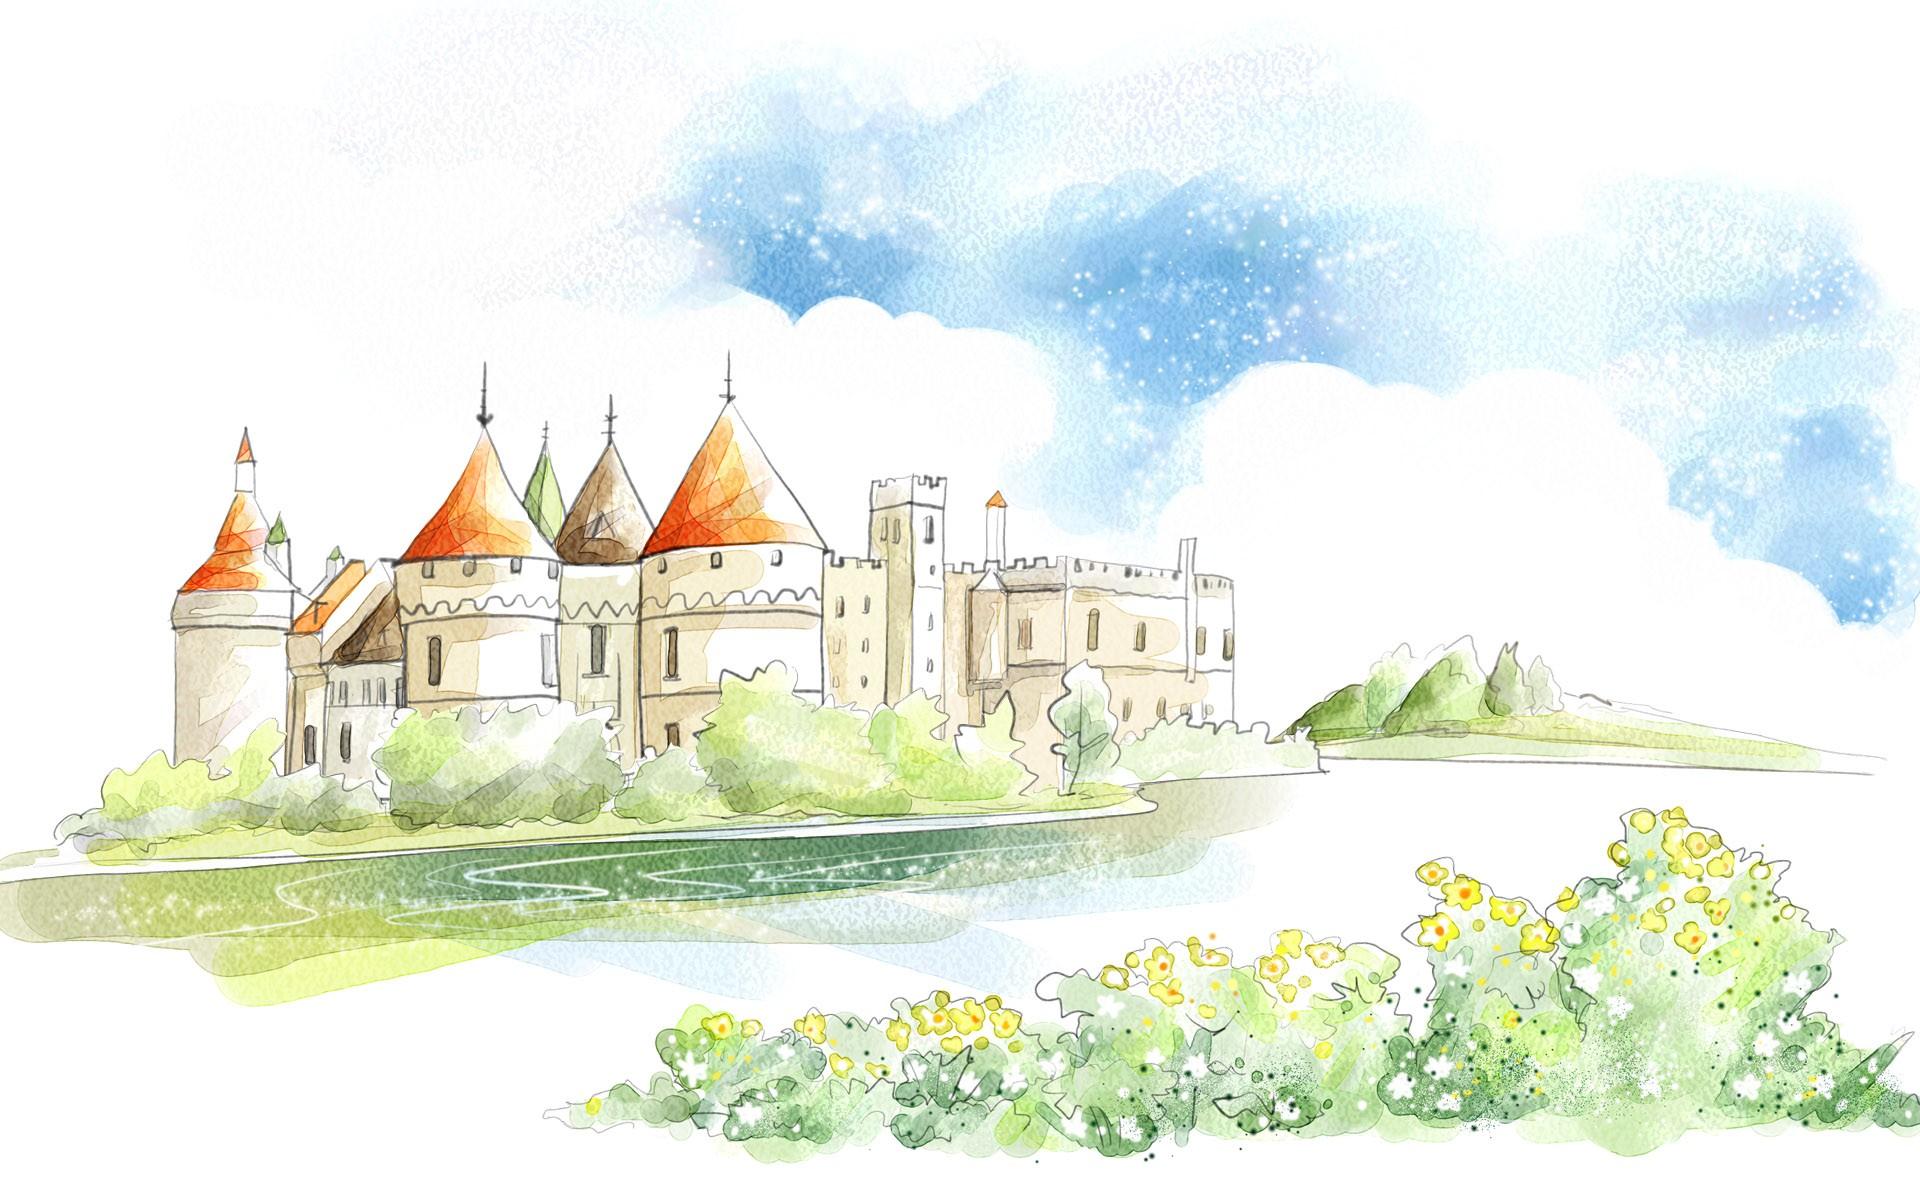 Drawn wallpaper castle  Castle wallpaper Drawing Wide